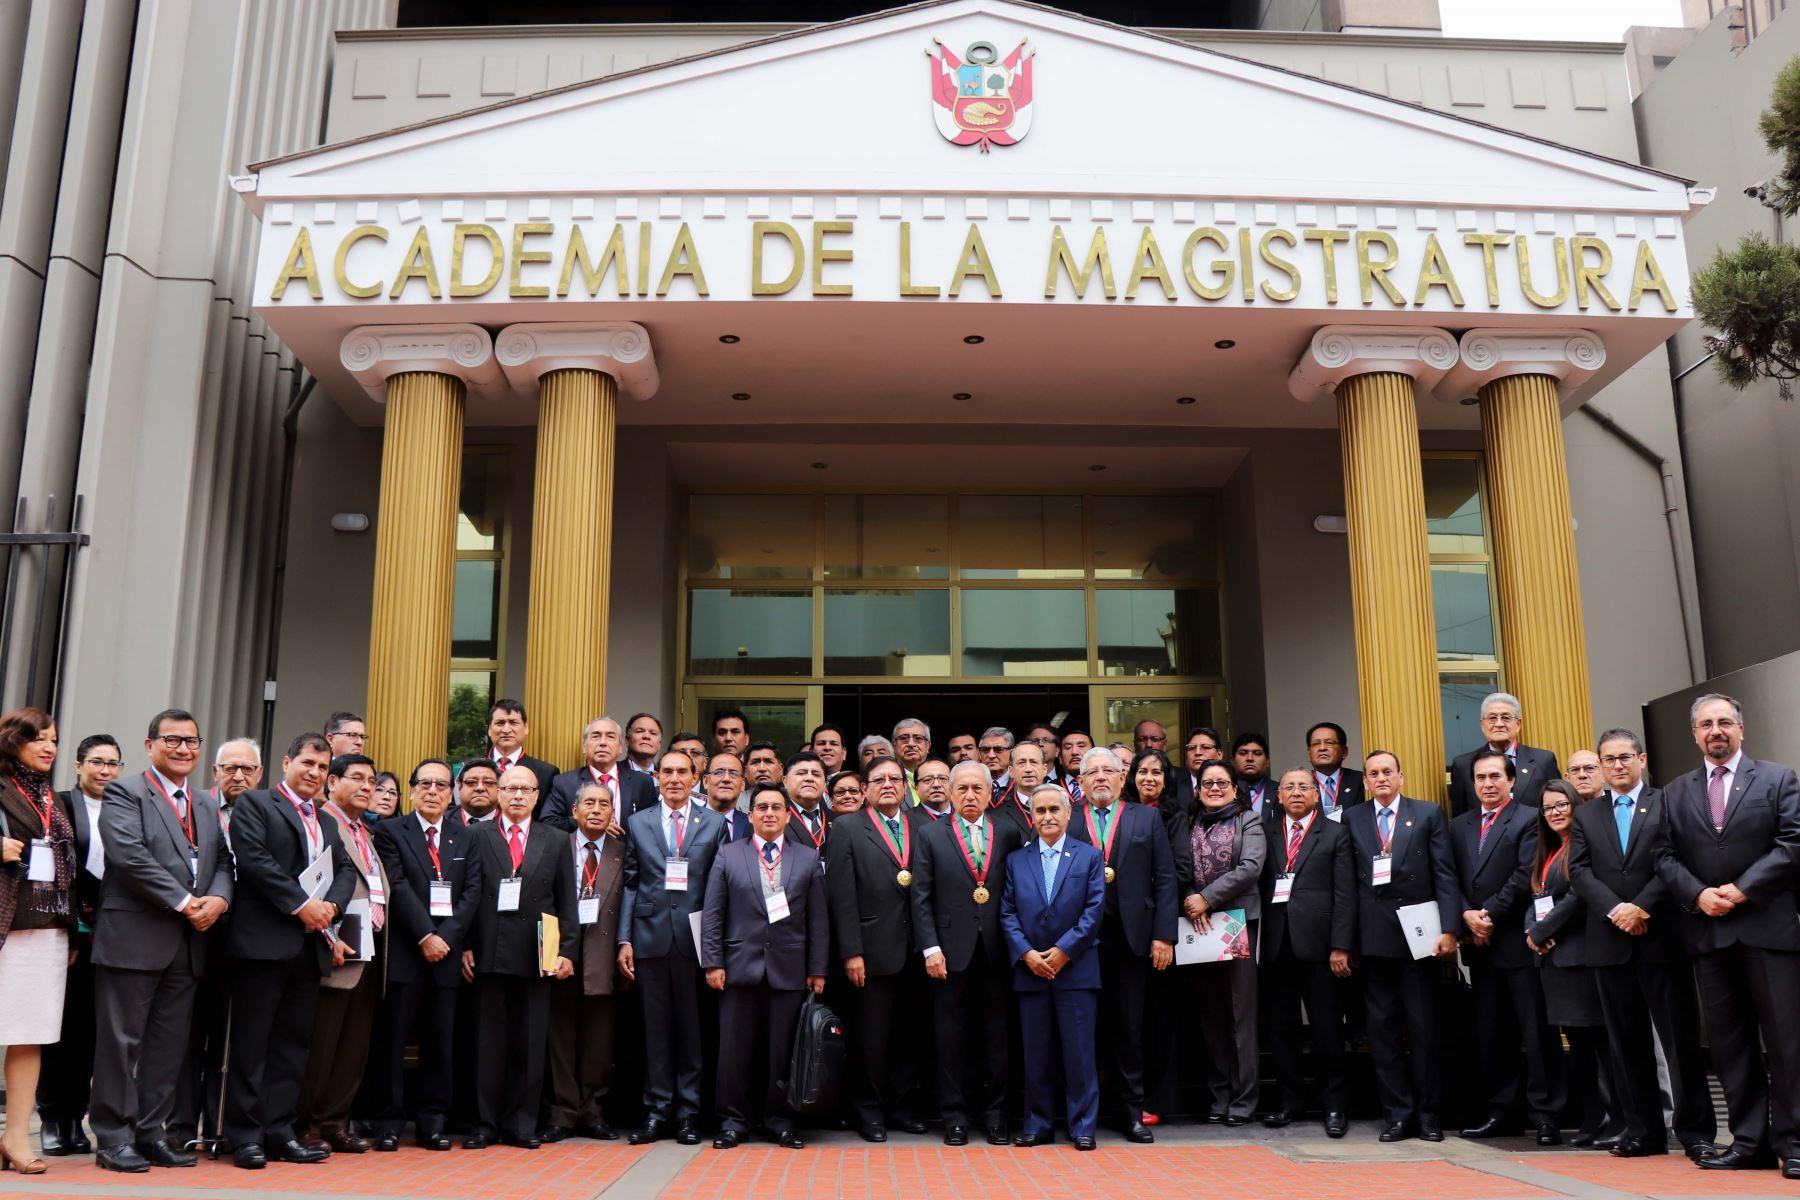 Convención con decanos de las facultades de Derecho de las universidades del país se reunieron en la AMAG.